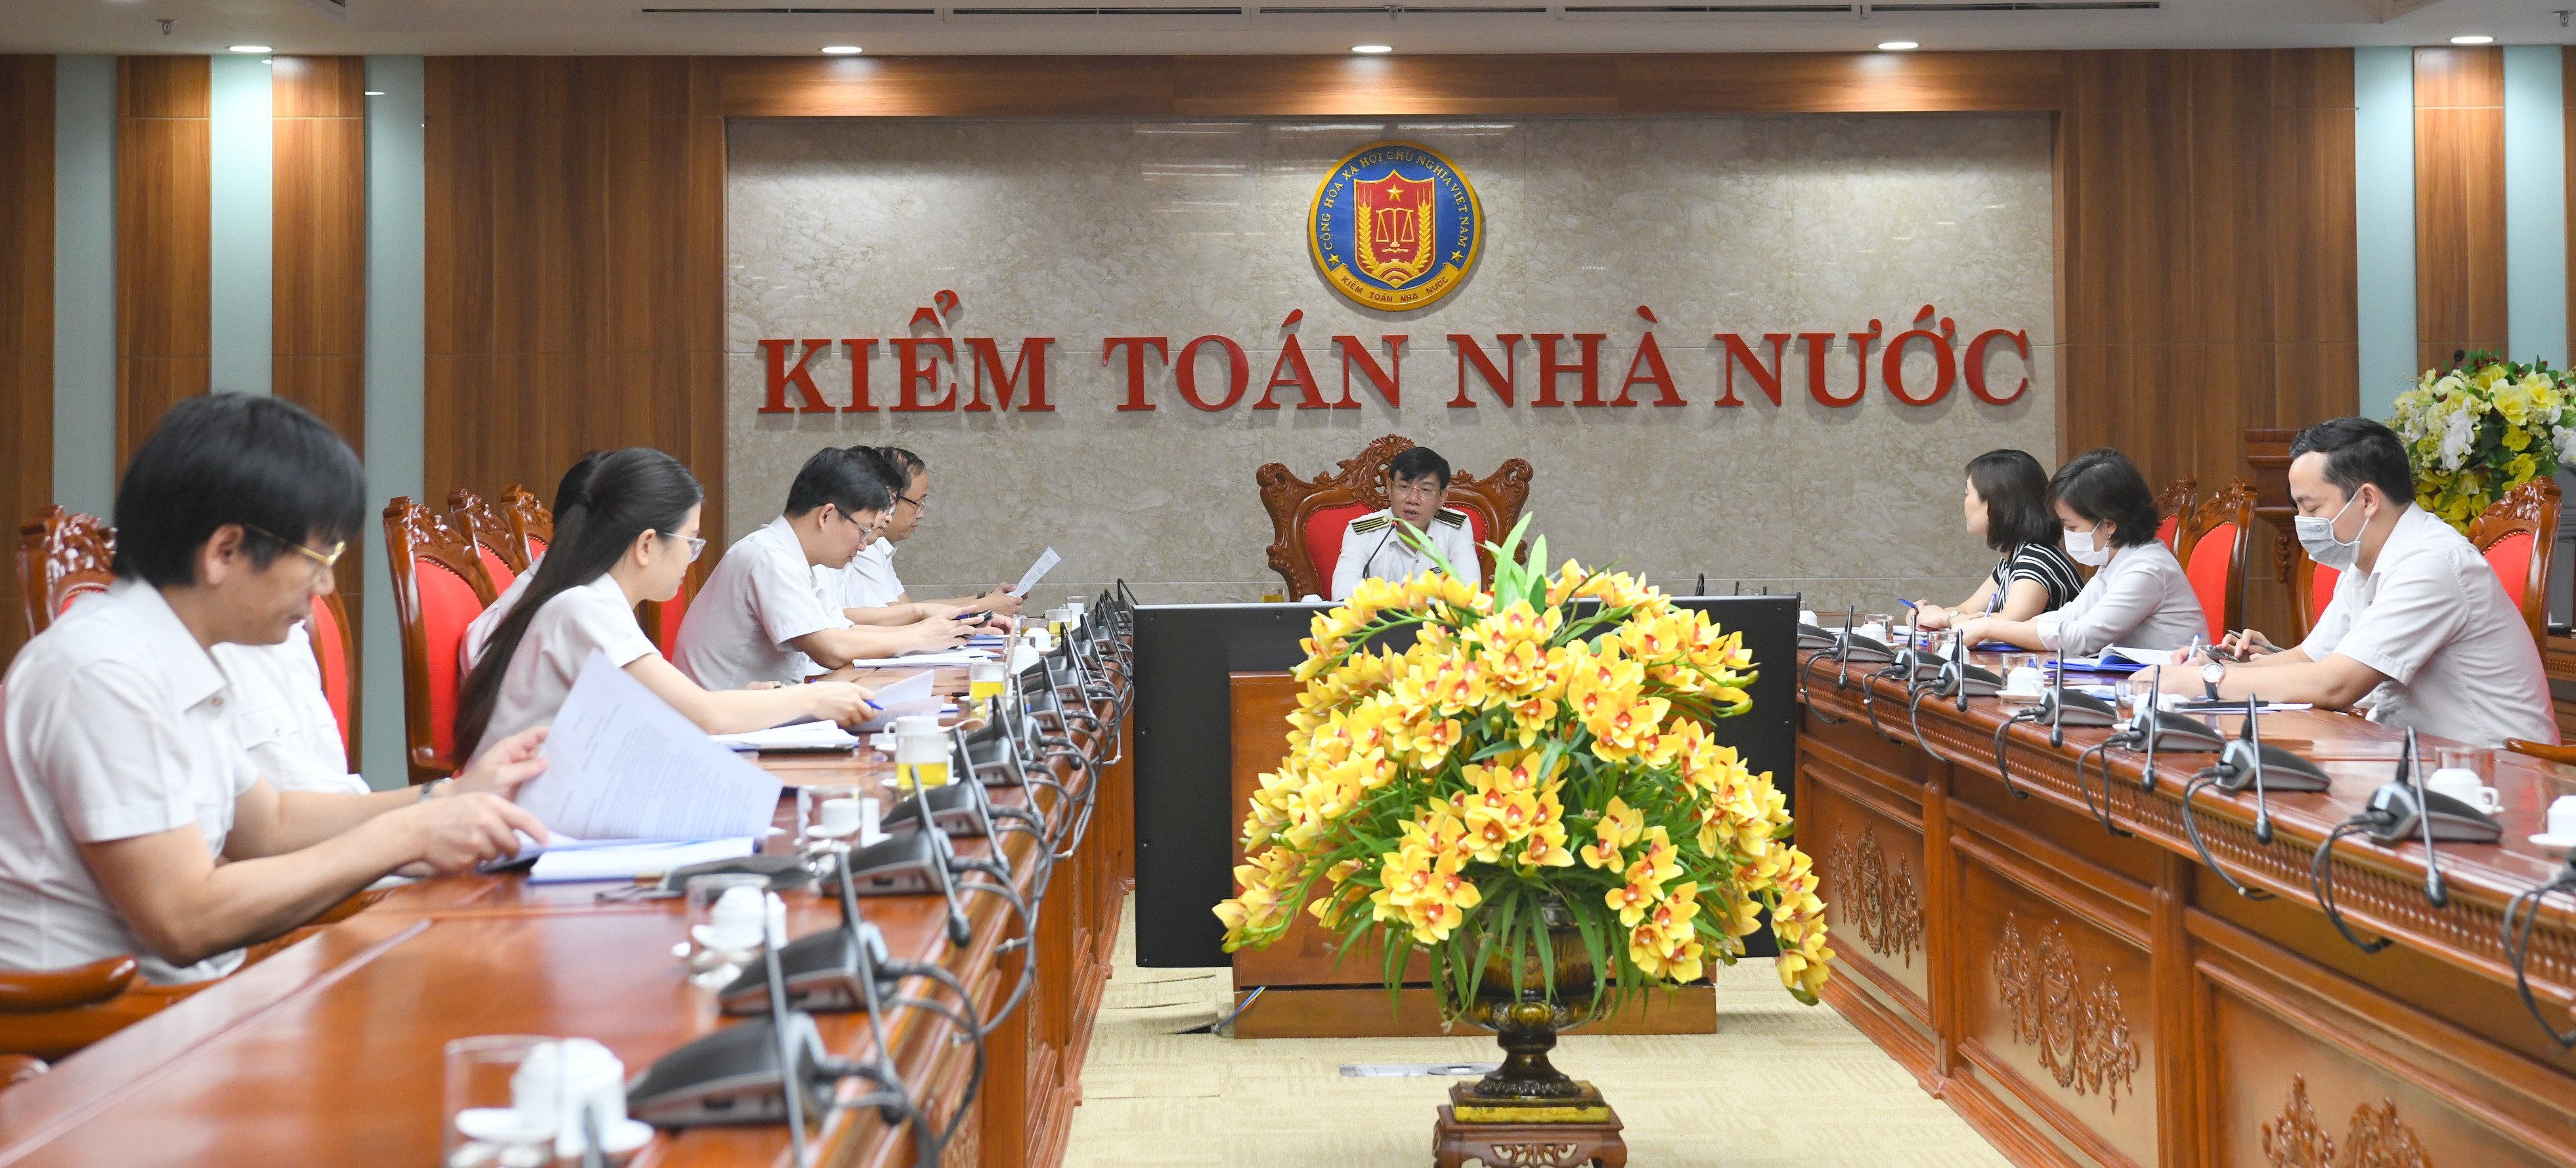 Sẽ triển khai thí điểm kiểm toán từ xa đối với VNPT trong quý I/2022